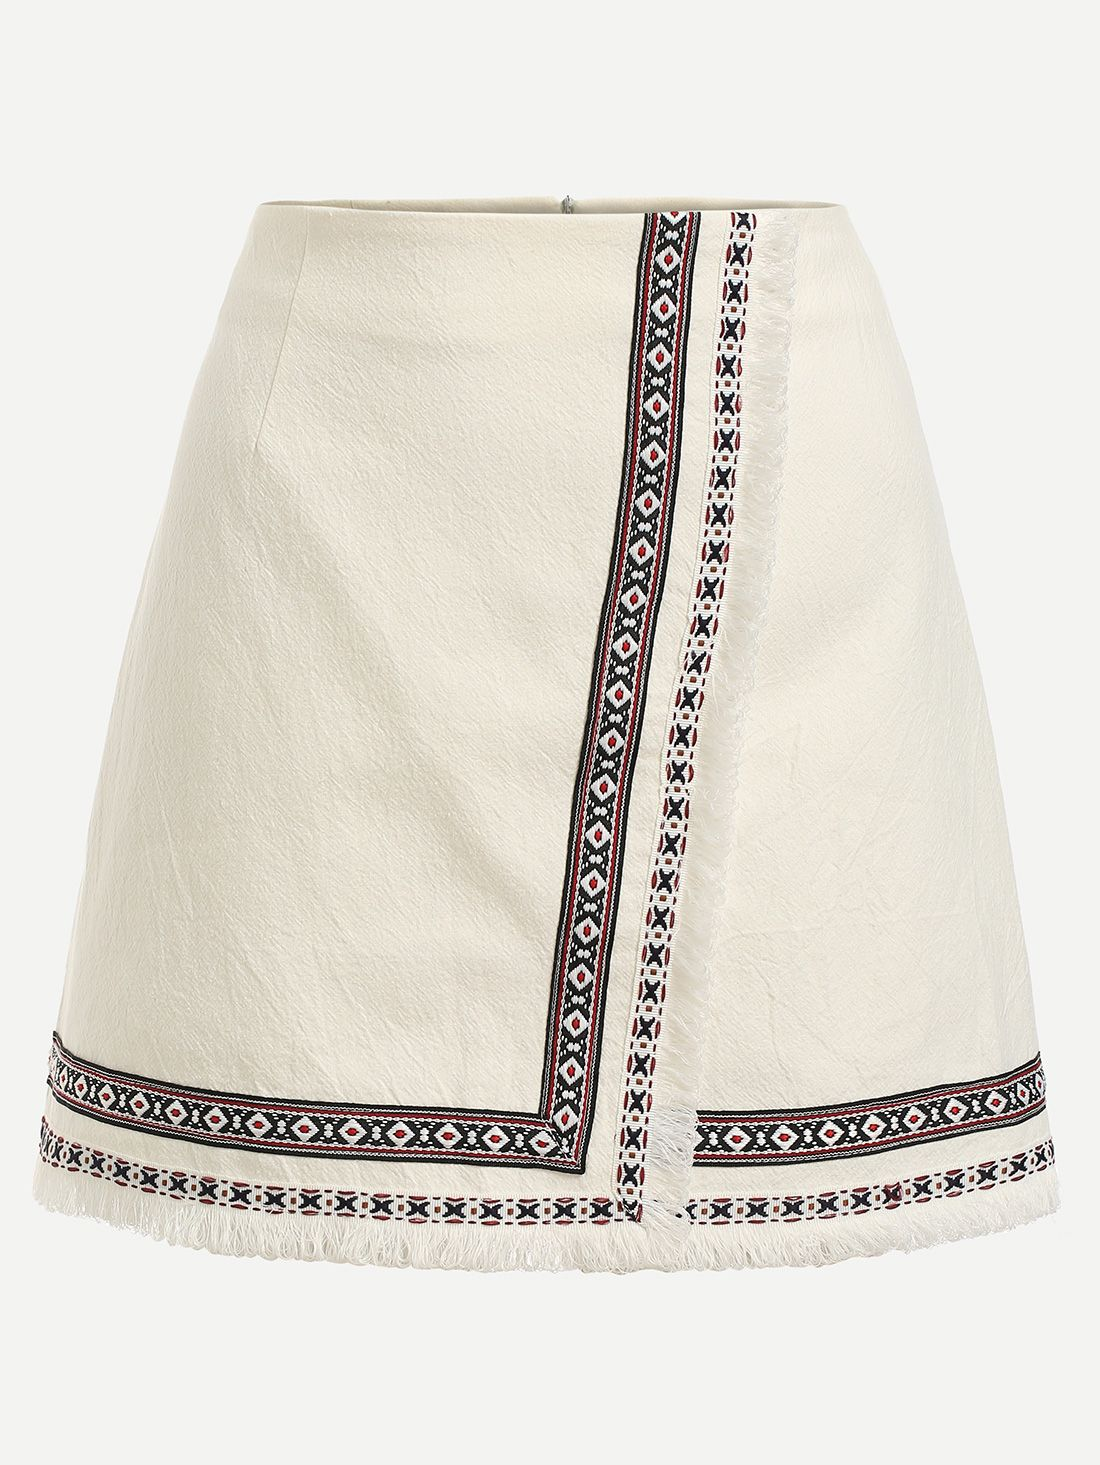 dca022bc2a Falda bordada cinta adornada cruzado-(Sheinside)